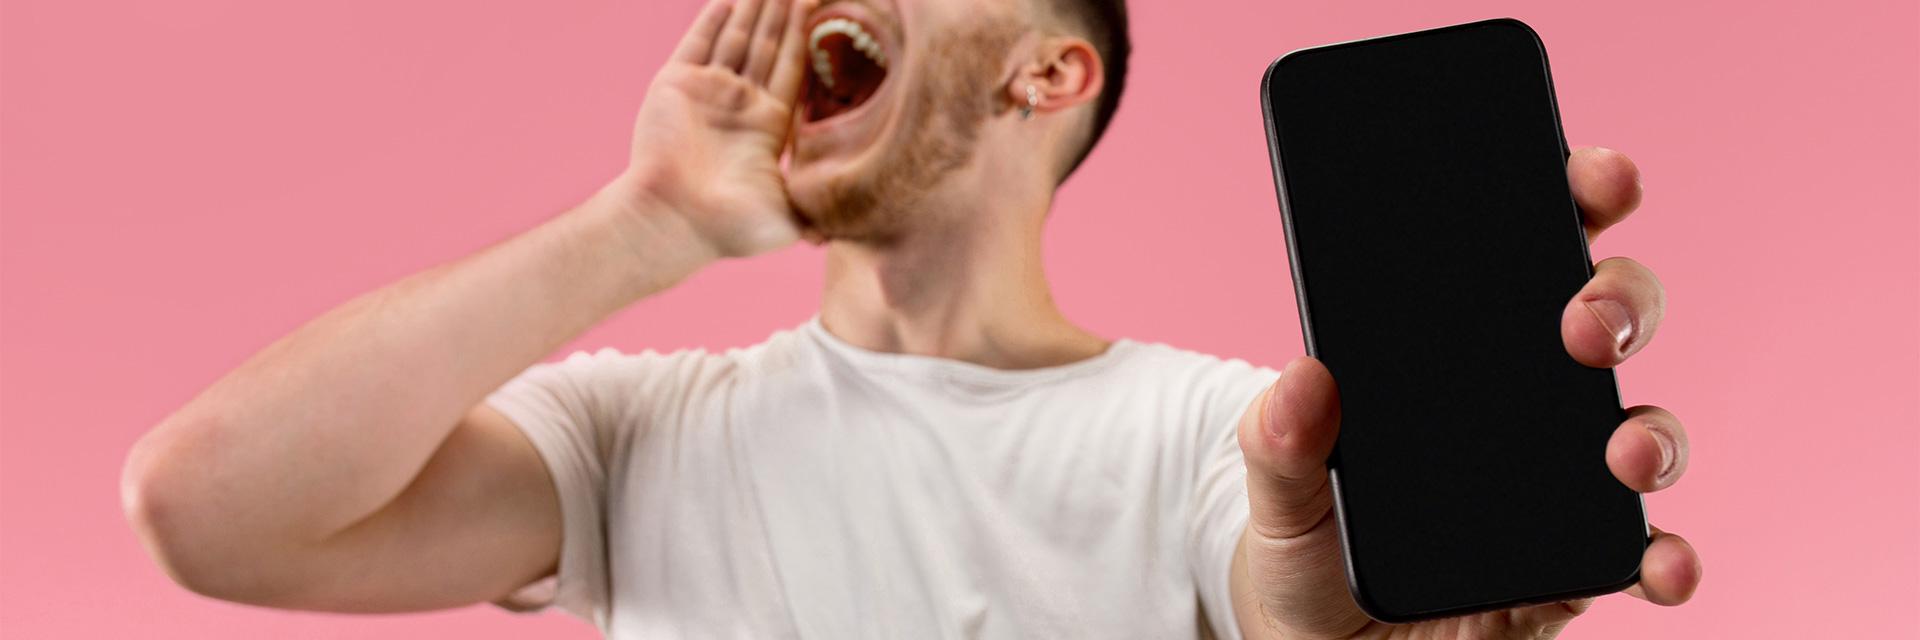 Составлен перечень типов приложений для смартфона от которых необходимо избавиться